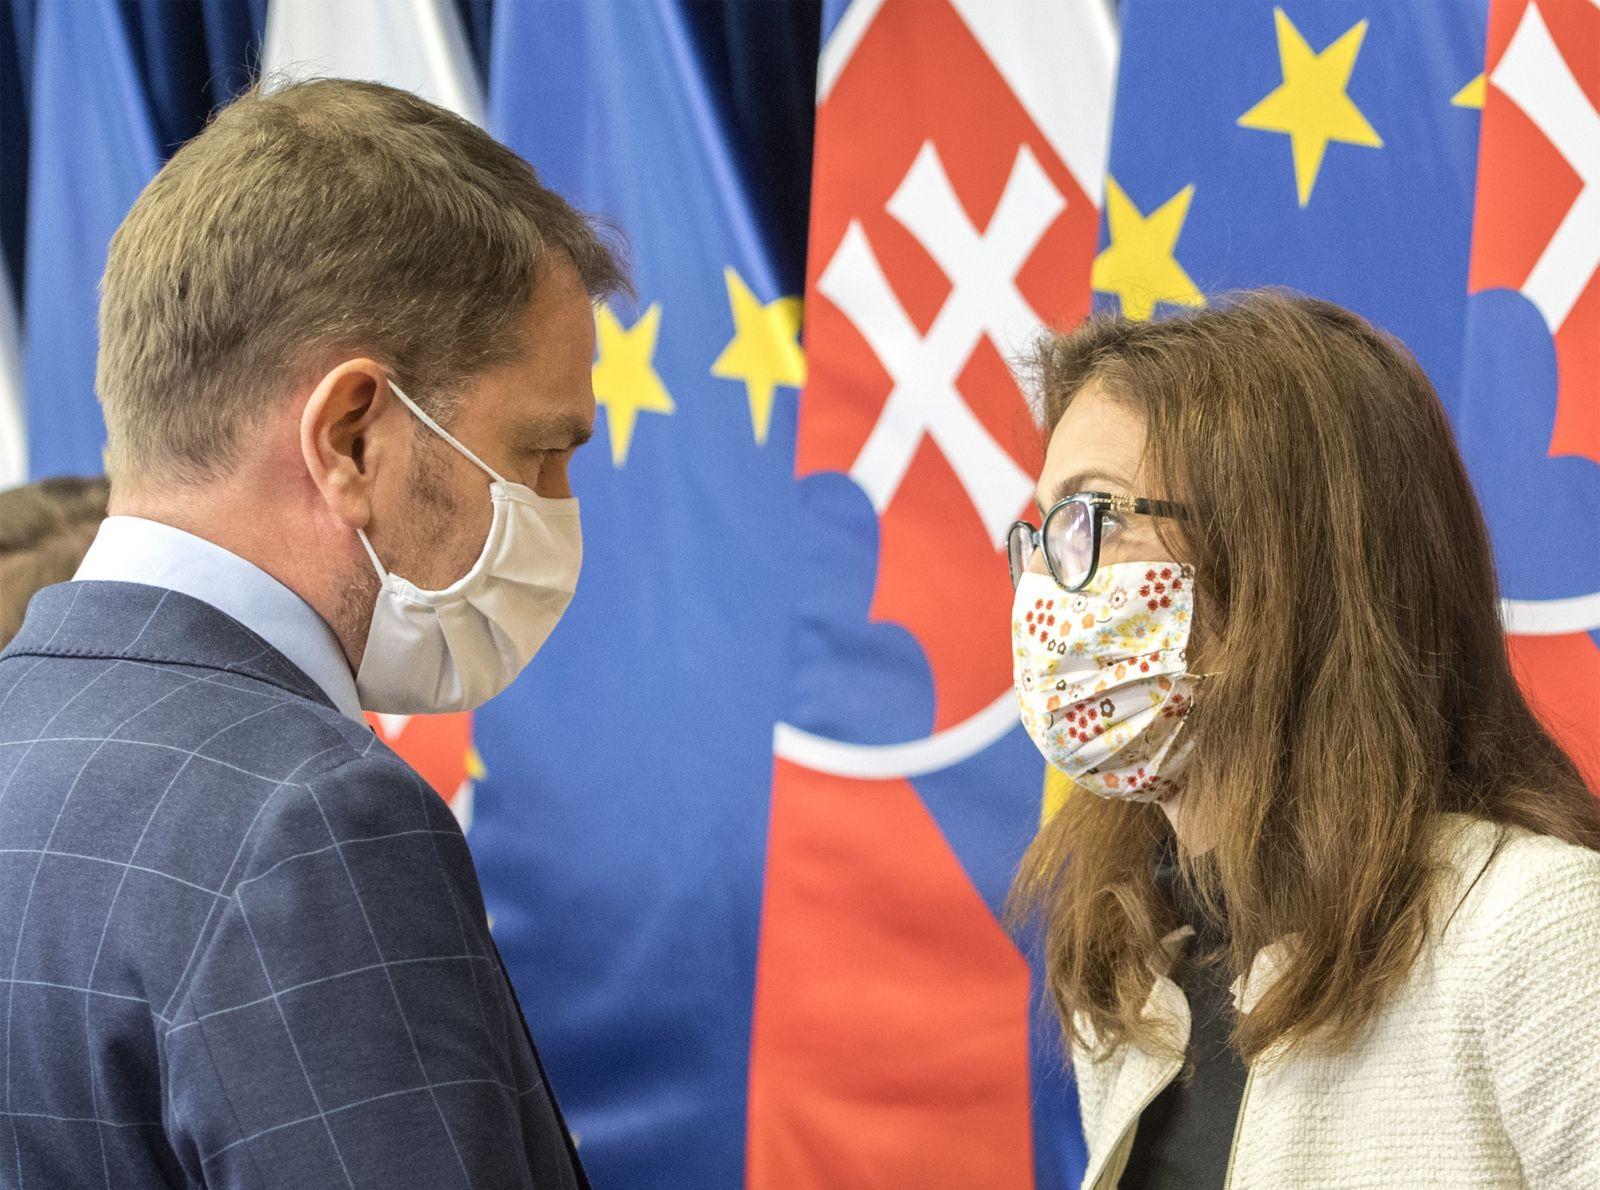 Na snímke predseda vlády SR Igor Matovič (OĽaNO) a bývalá ministerka zdravotníctva SR Andrea Kalavská počas tlačovej konferencie po stretnutí s radou epidemiológov pred začiatkom 15. rokovania vlády SR 28. apríla 2020 v Bratislave.